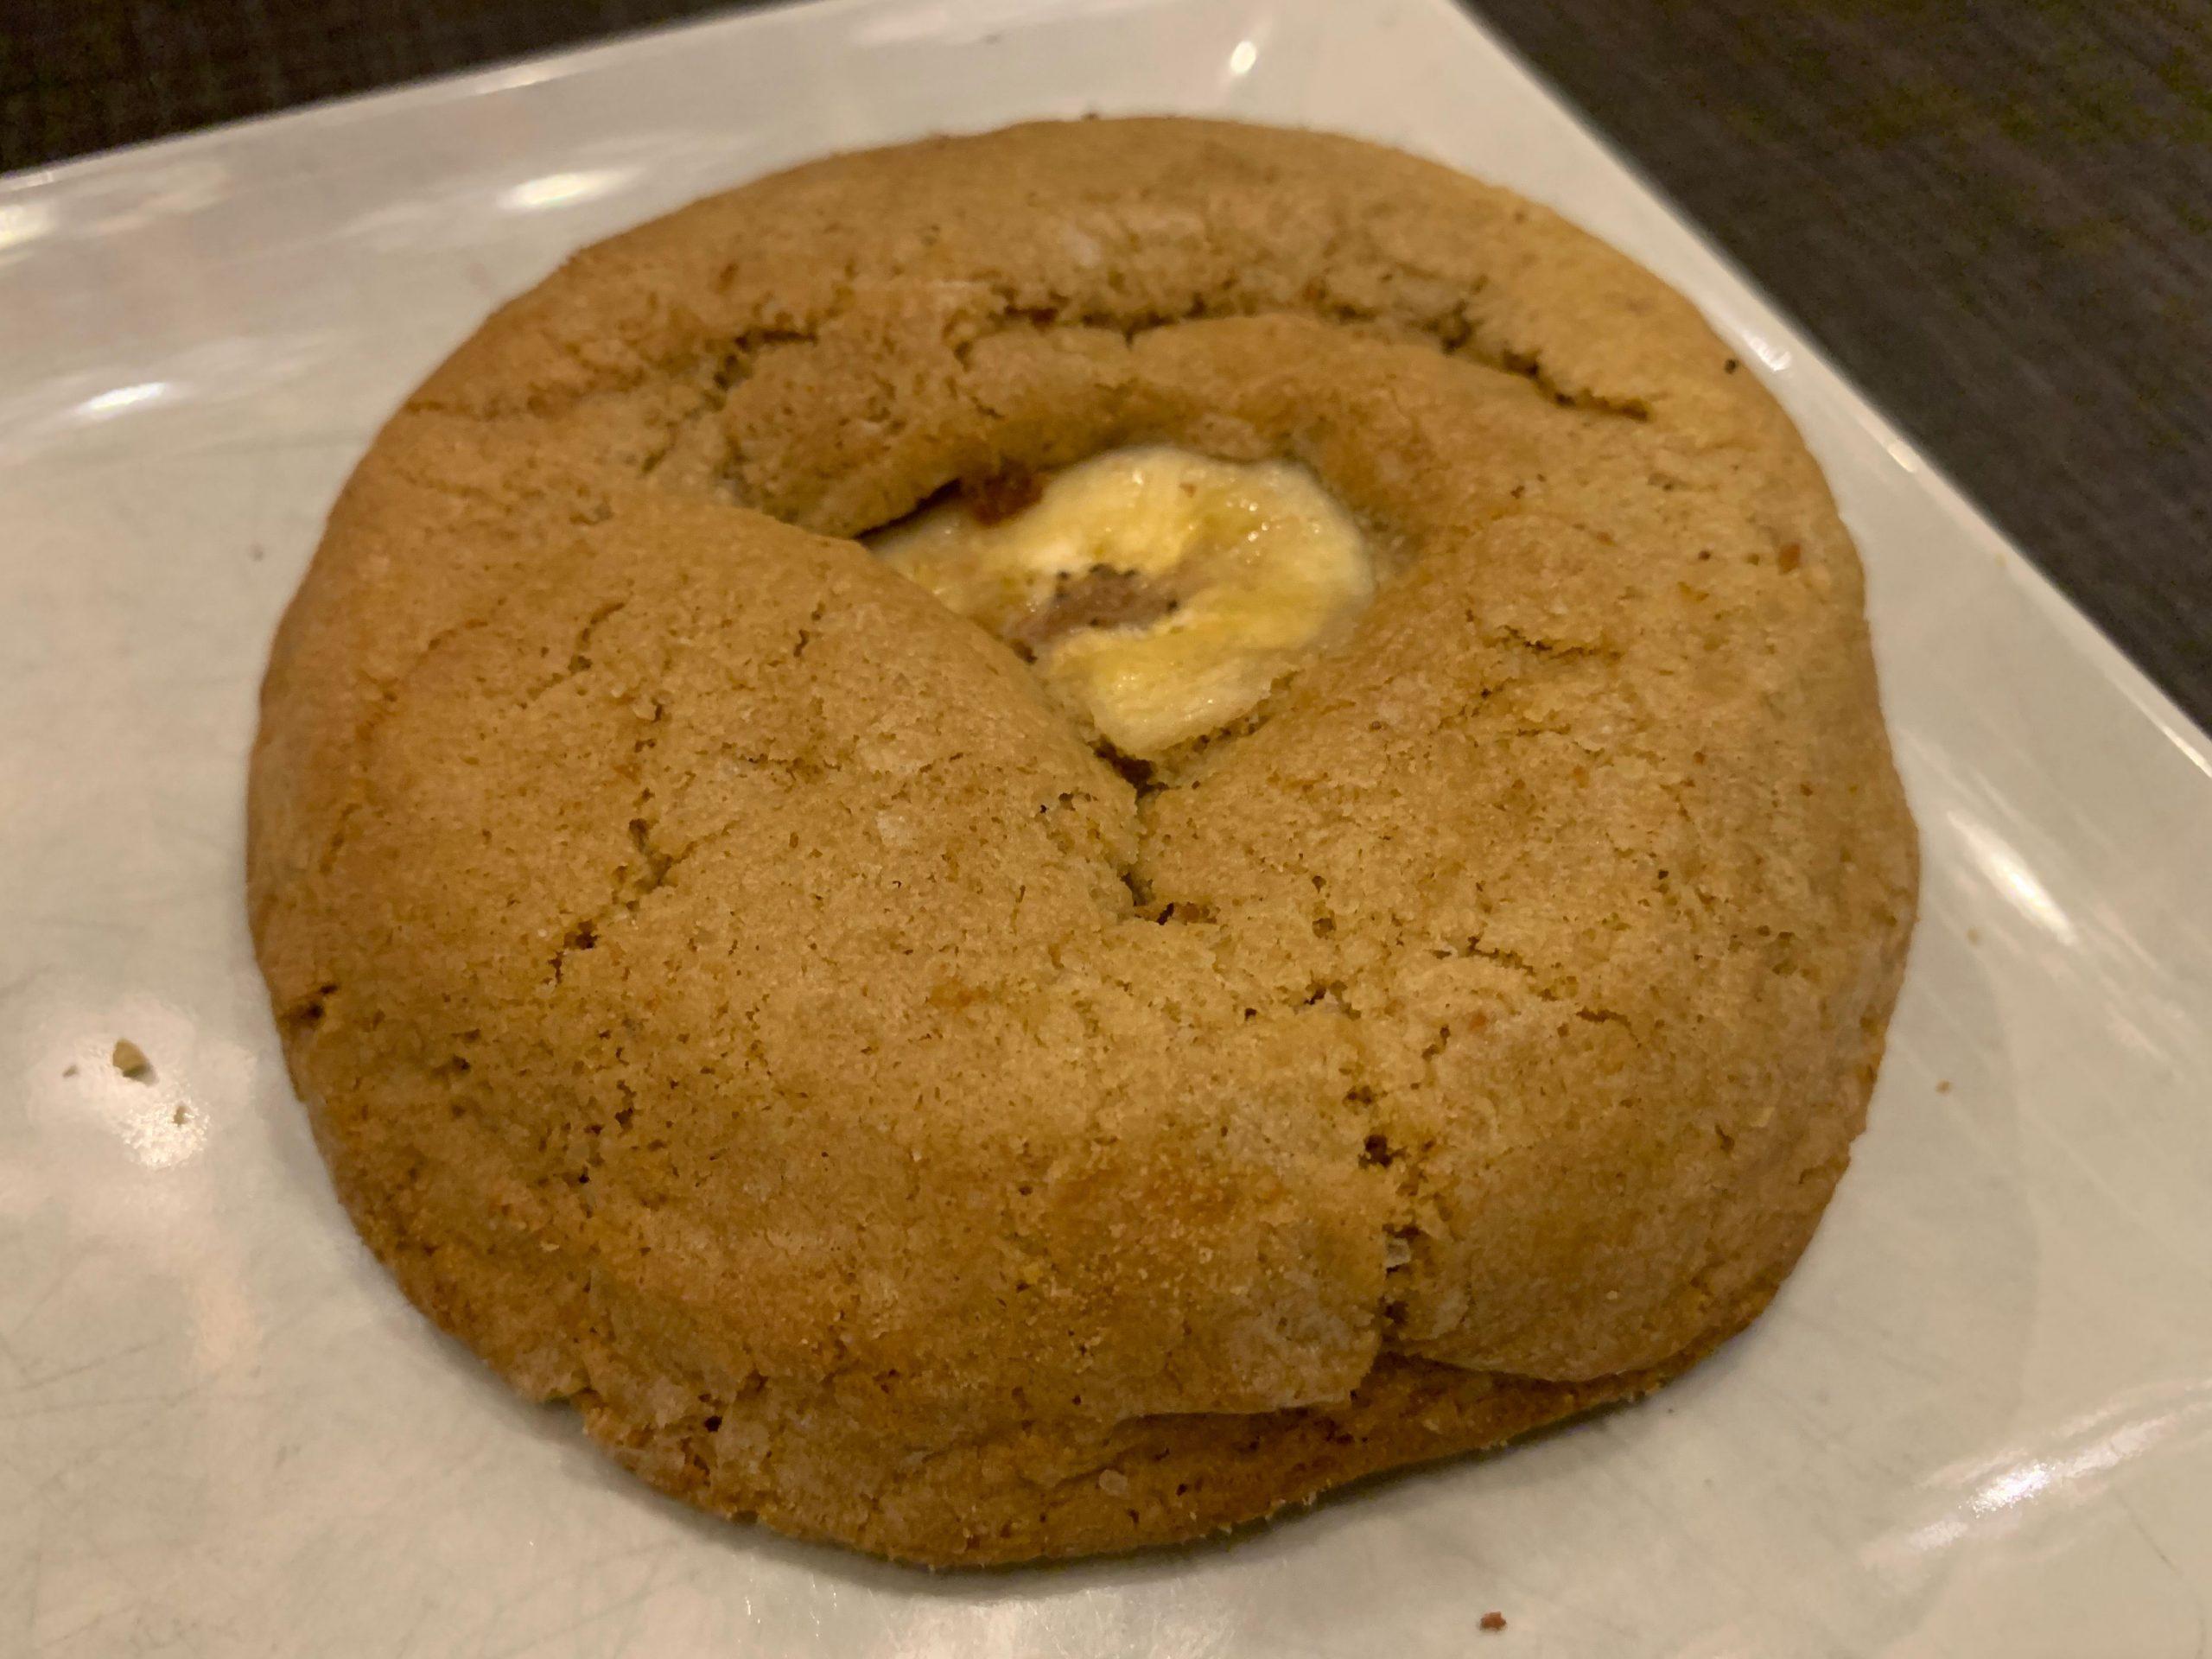 Cookie dulce de leche y plátano